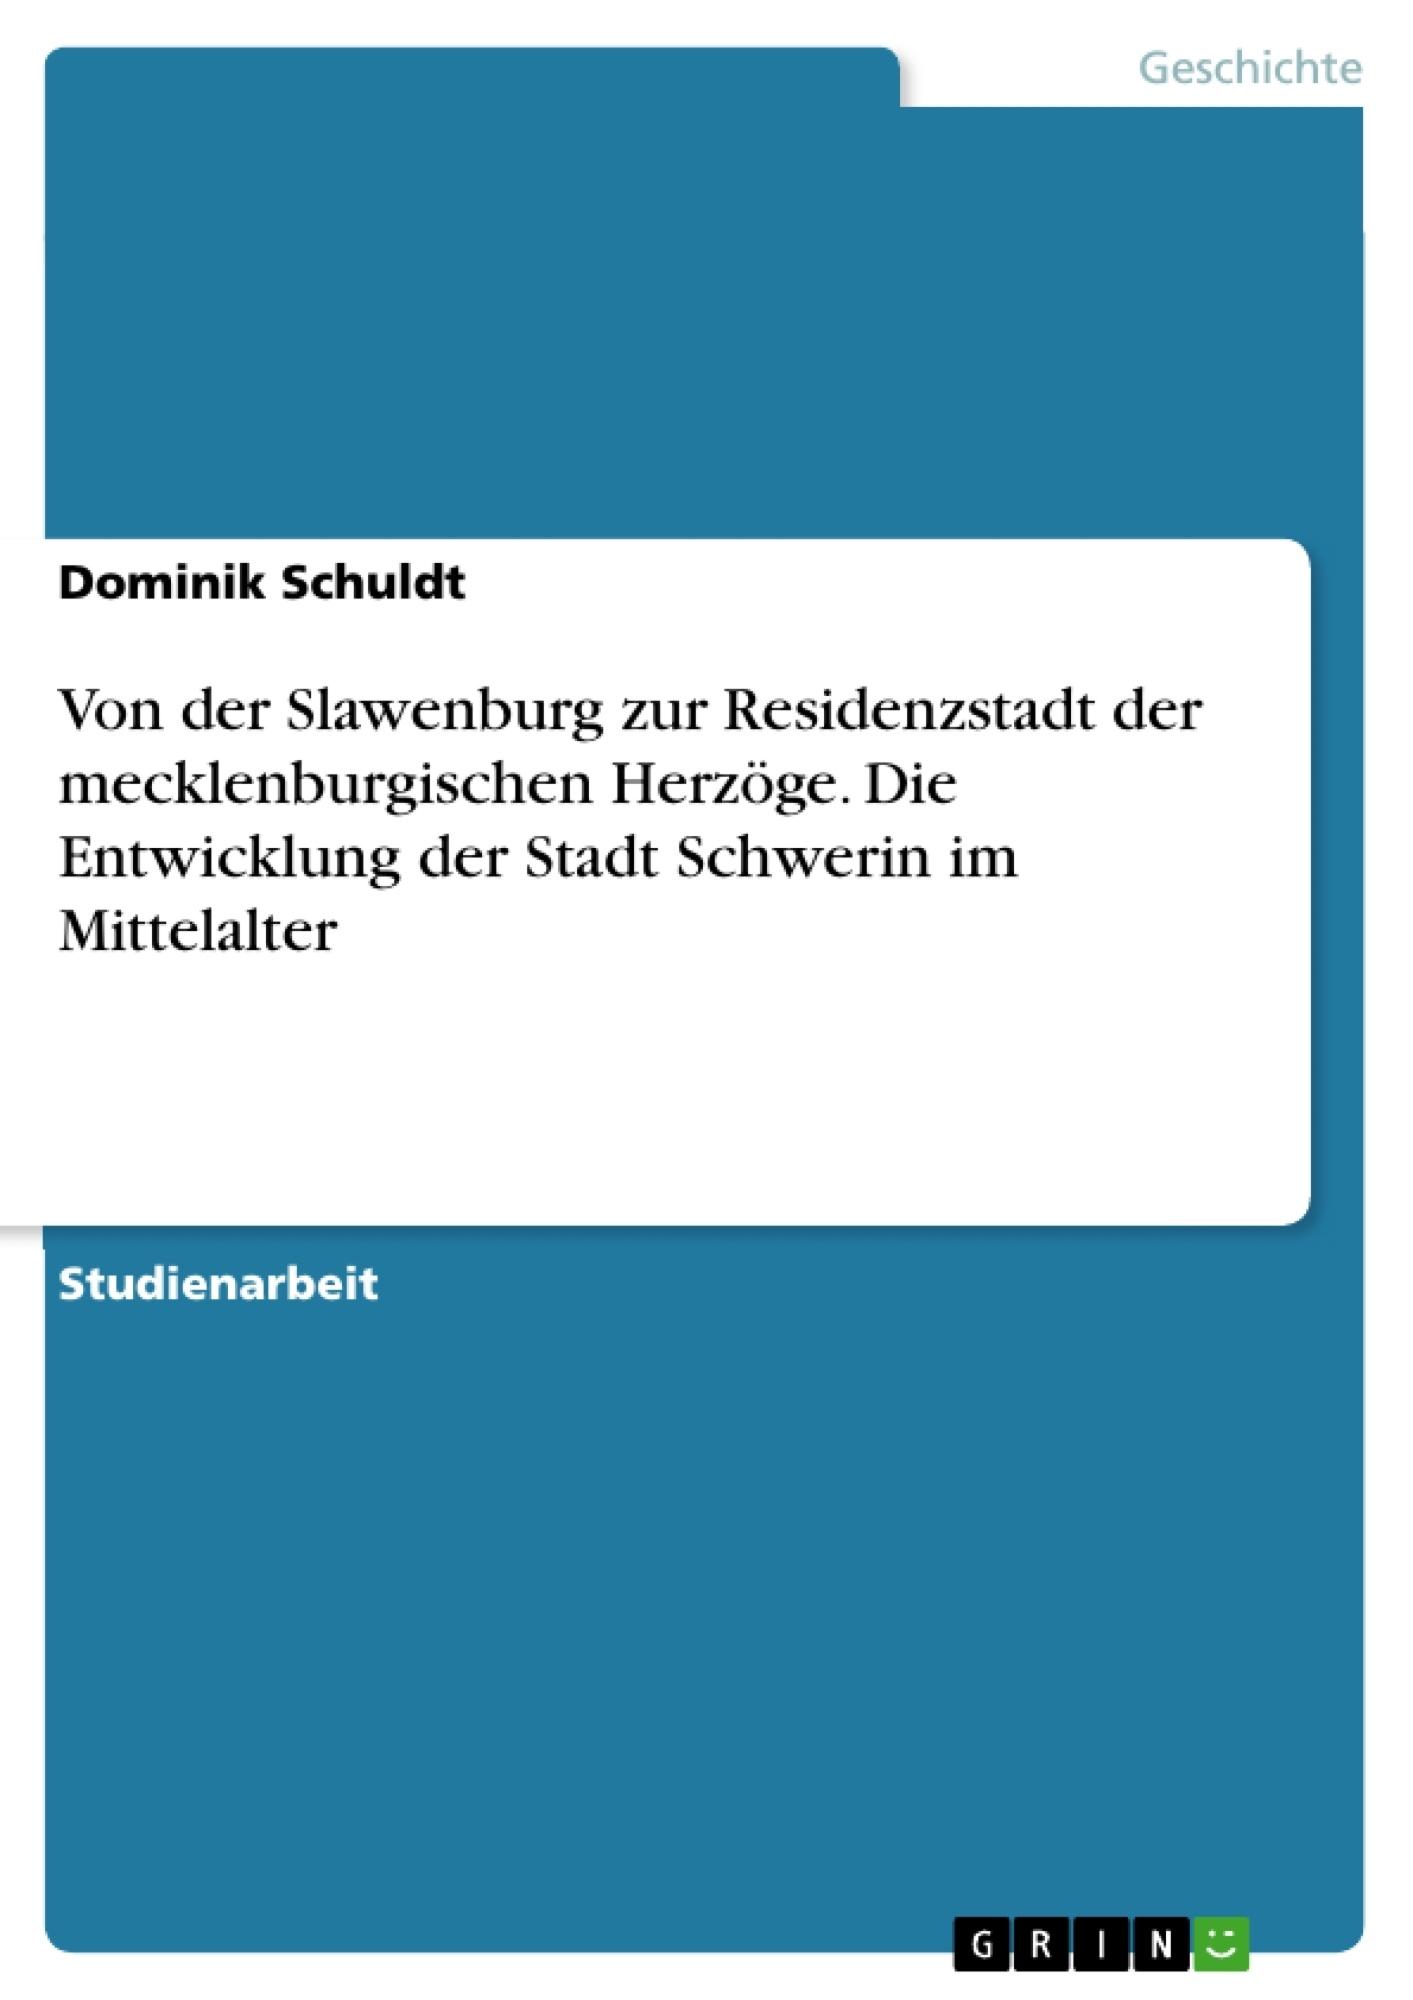 Titel: Von der Slawenburg zur Residenzstadt der mecklenburgischen Herzöge. Die Entwicklung der Stadt Schwerin im Mittelalter